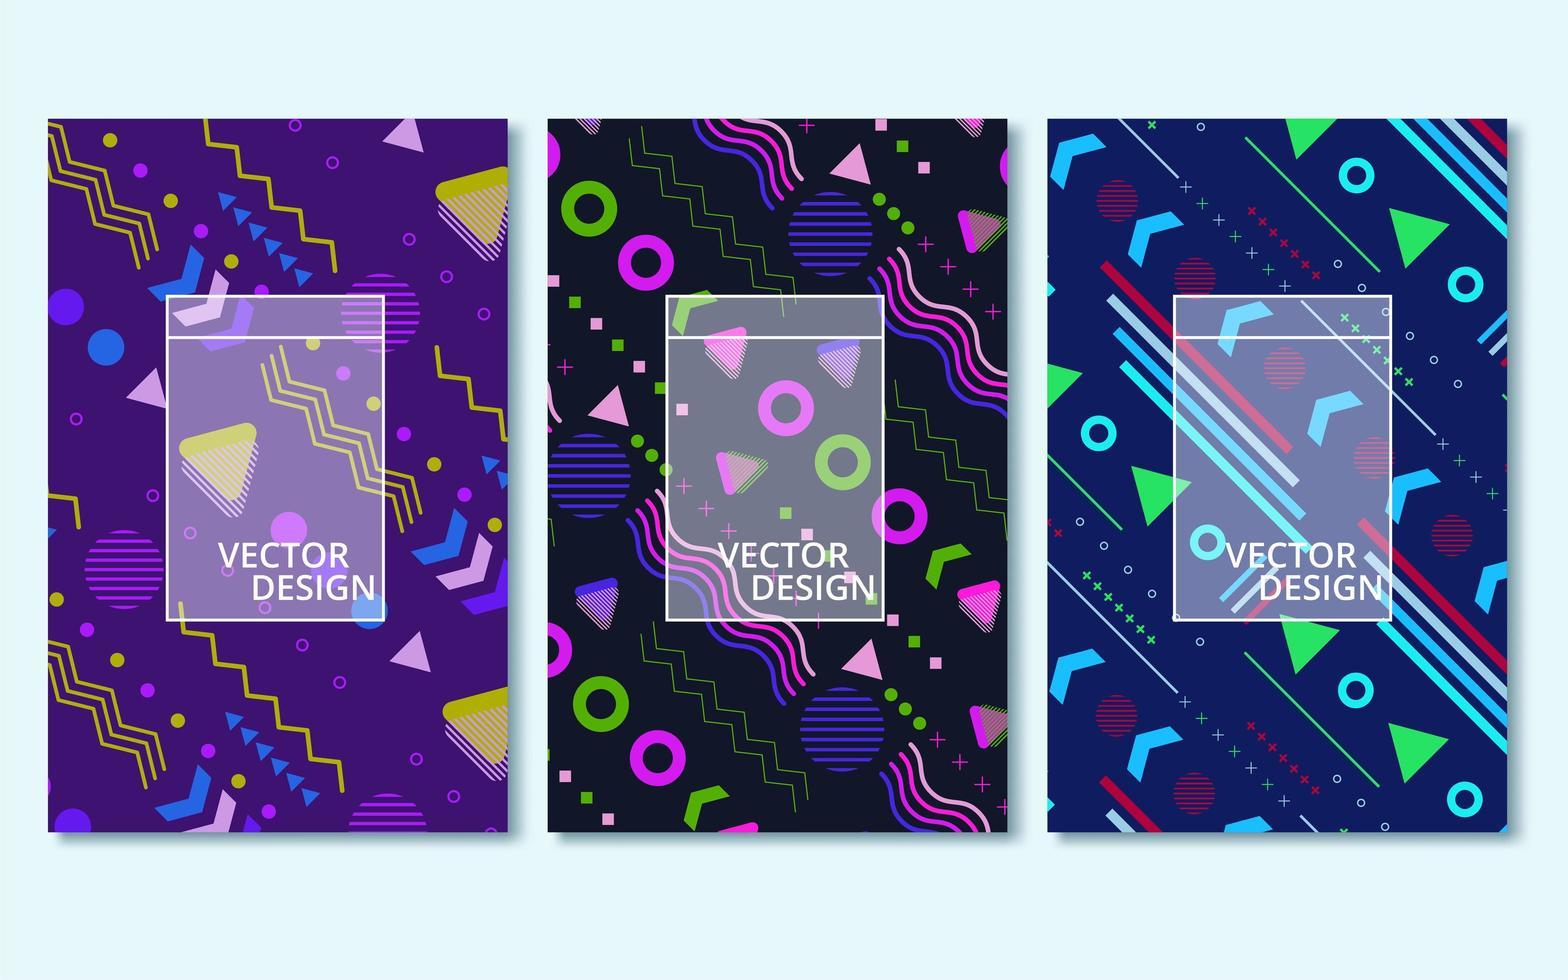 färgglada moderna abstrakta omslag set vektor